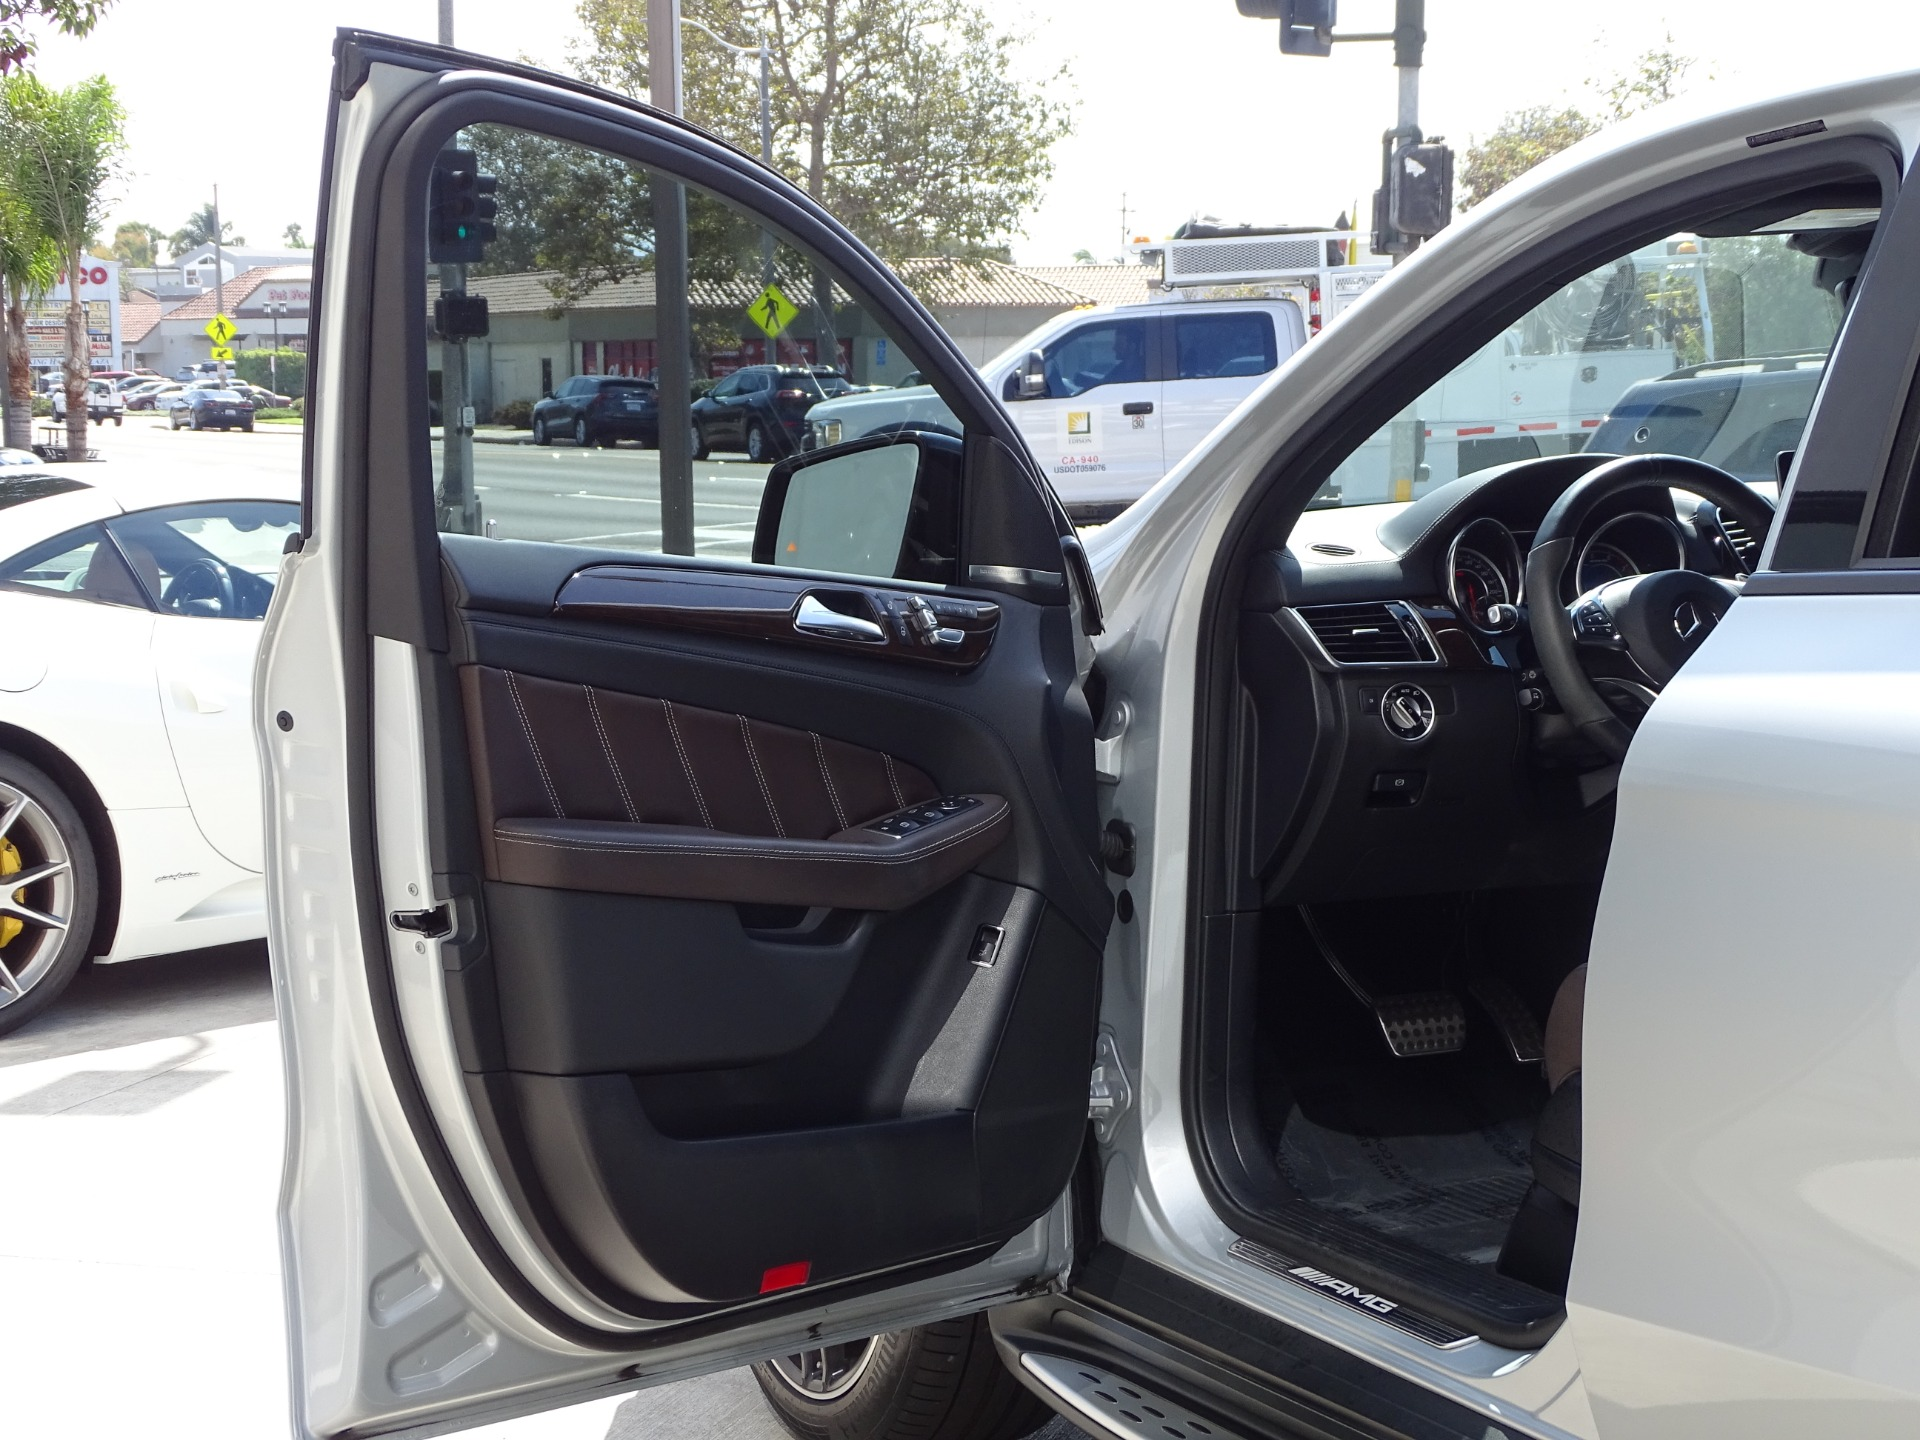 Used-2018-Mercedes-Benz-GLE-AMG-GLE-63-S